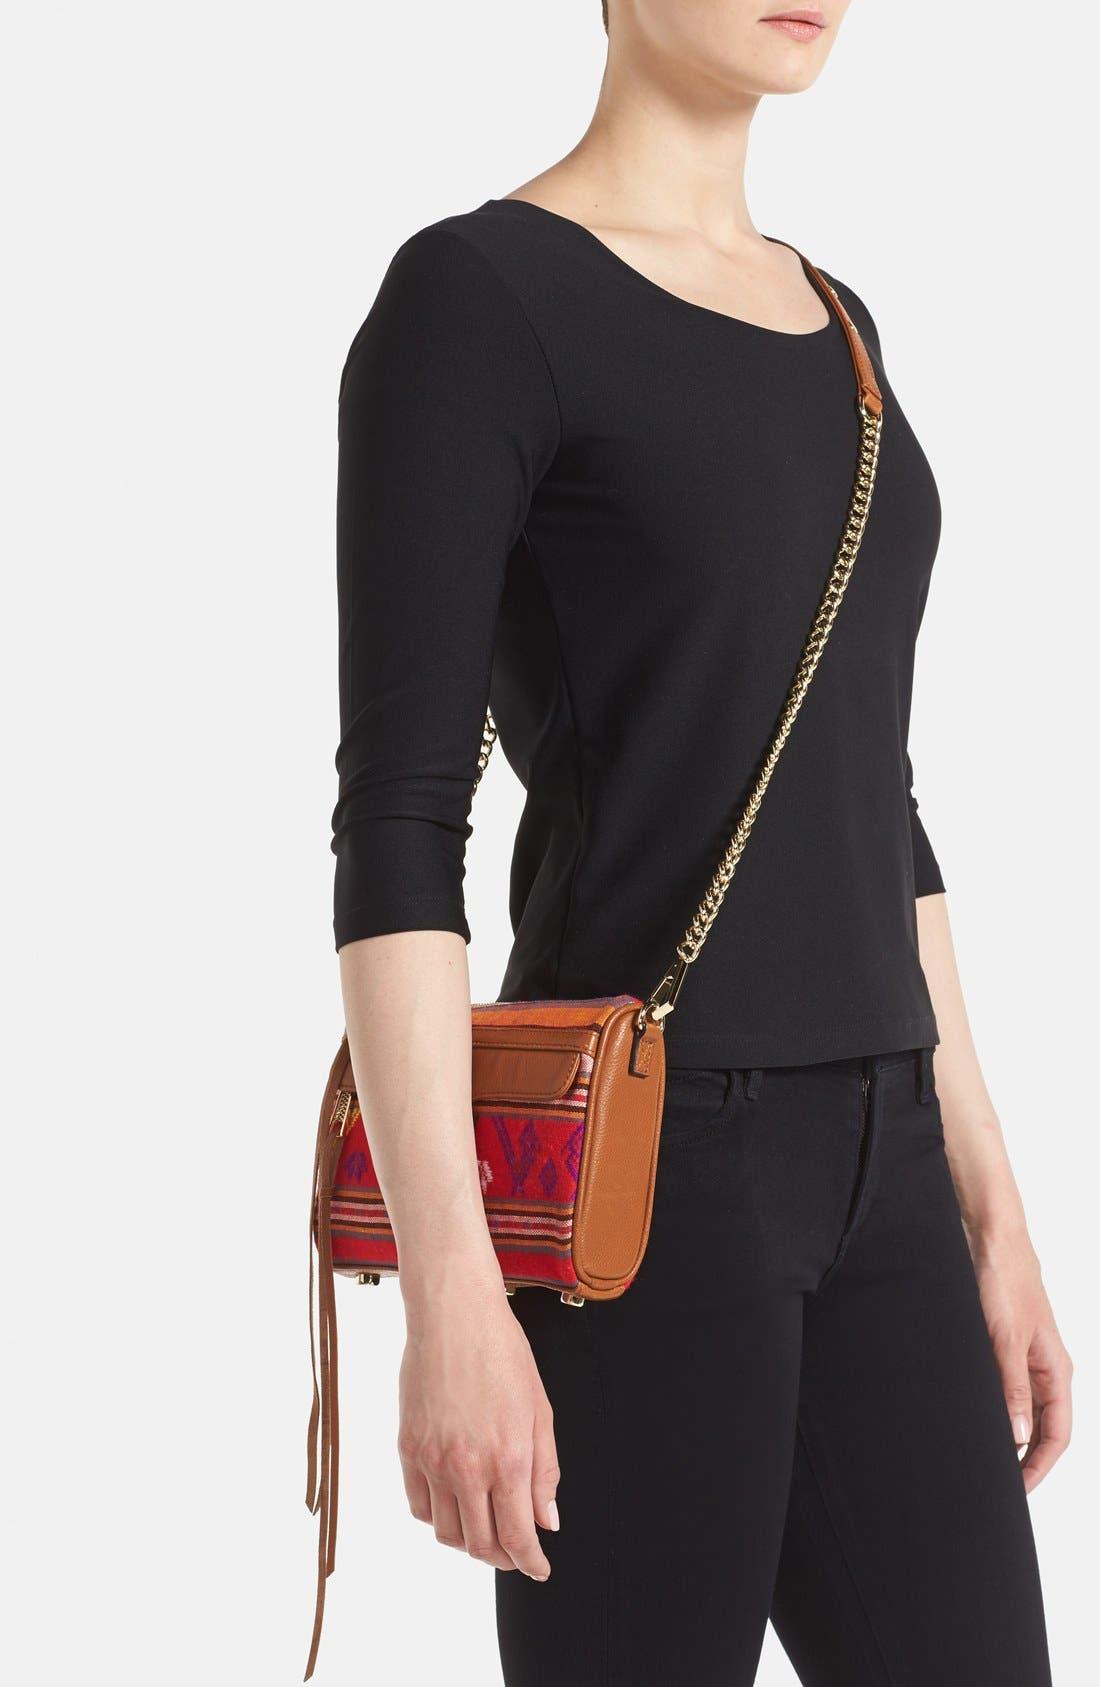 Piece & Co. and Rebecca Minkoff 'Mini MAC' Convertible Crossbody Bag,                             Alternate thumbnail 2, color,                             Orange Multi